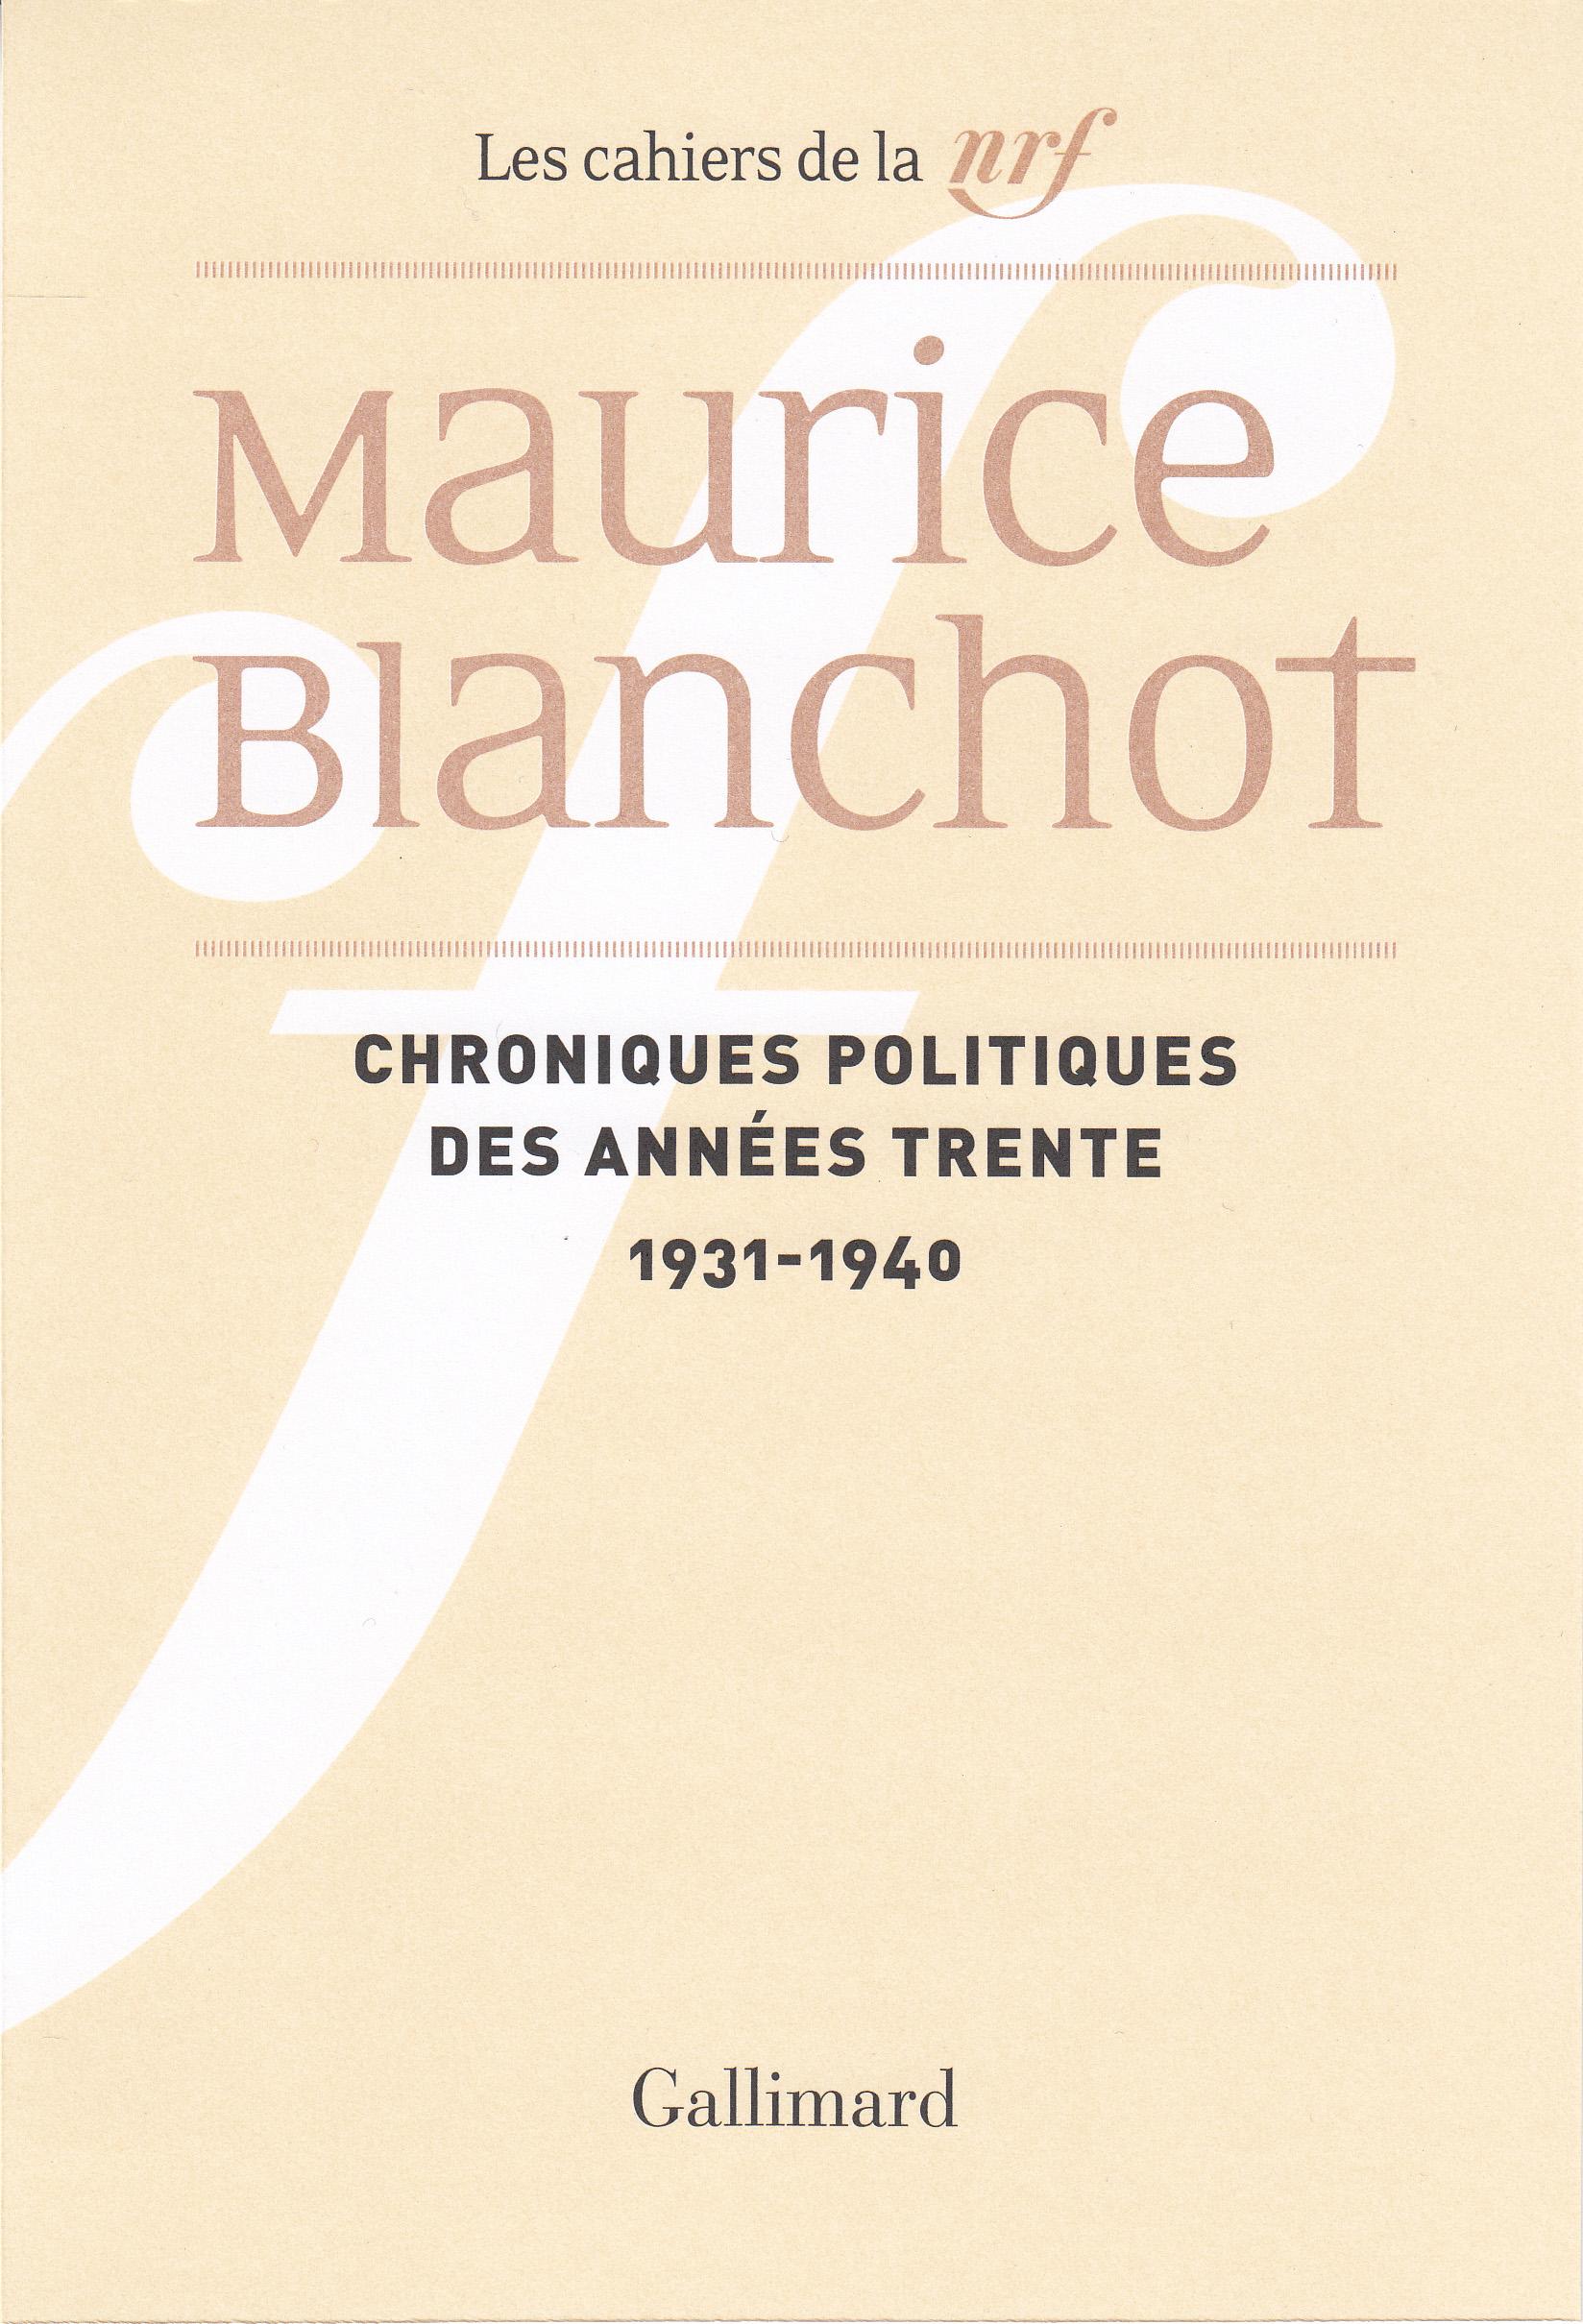 Chroniques politiques des années trente (1931-1940)